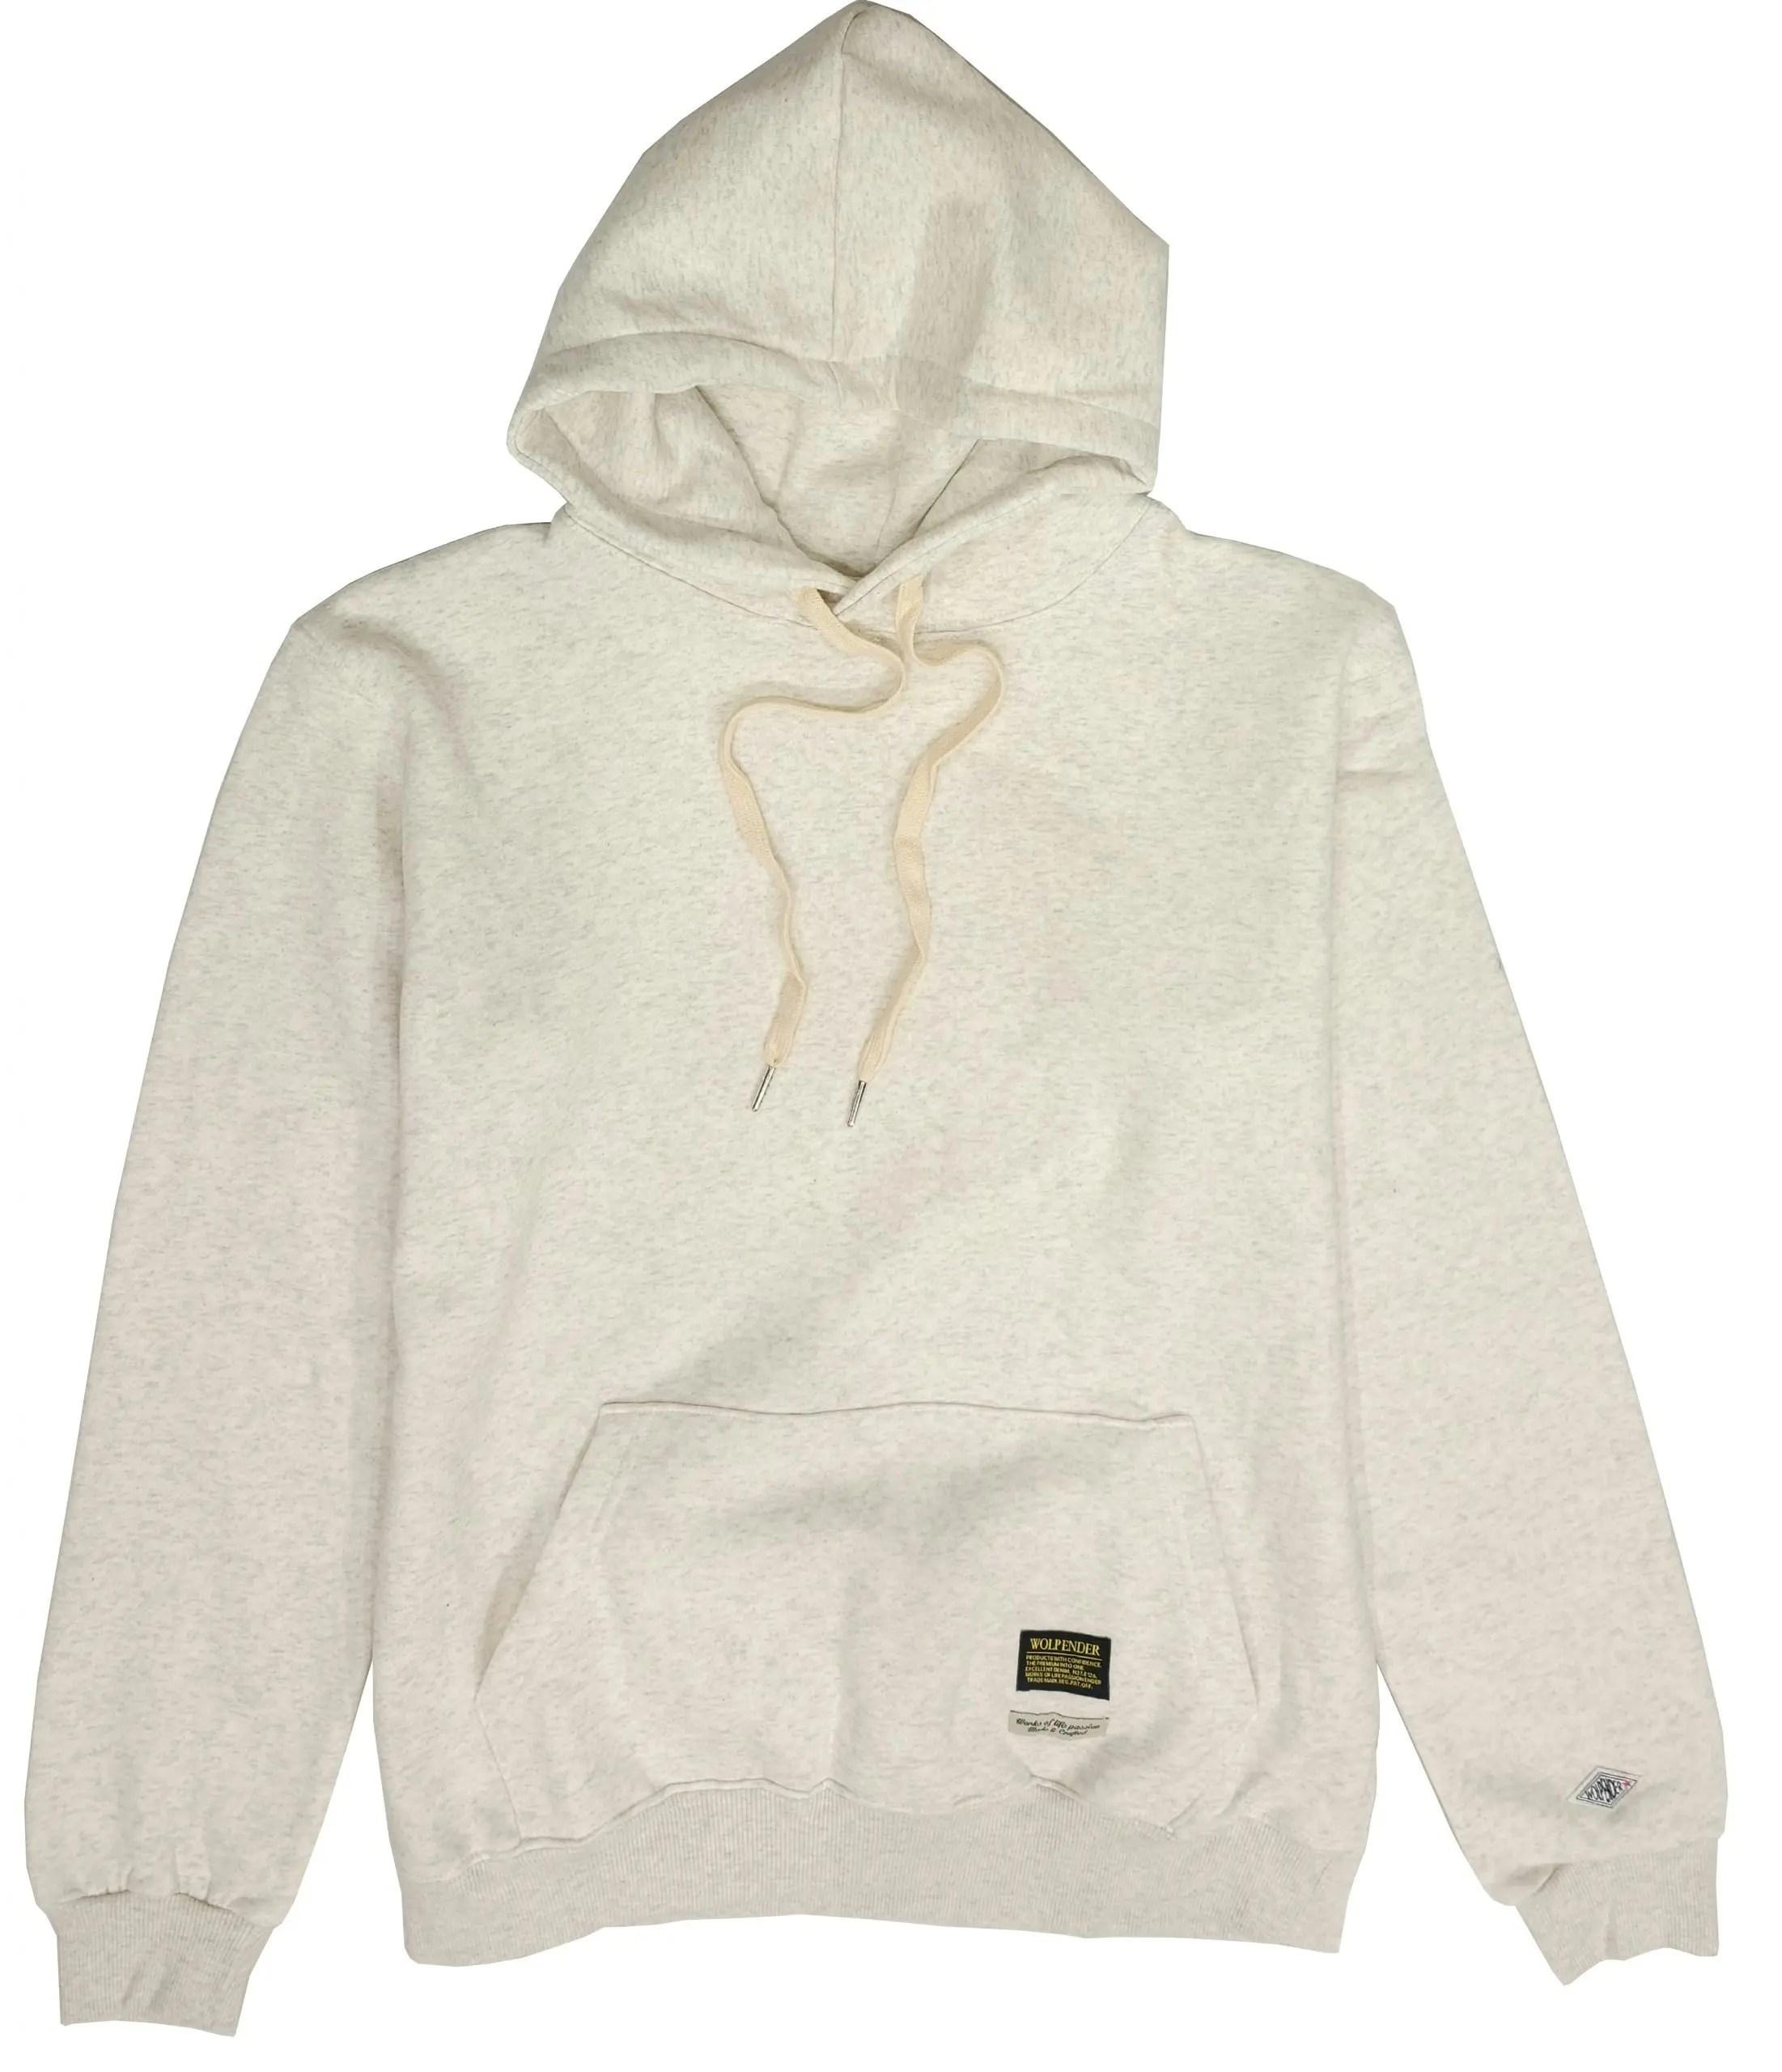 Vibes Men/'s Heather Fleece Hoodie Pullover Sweatshirts Aztec Printe Long Sleeves